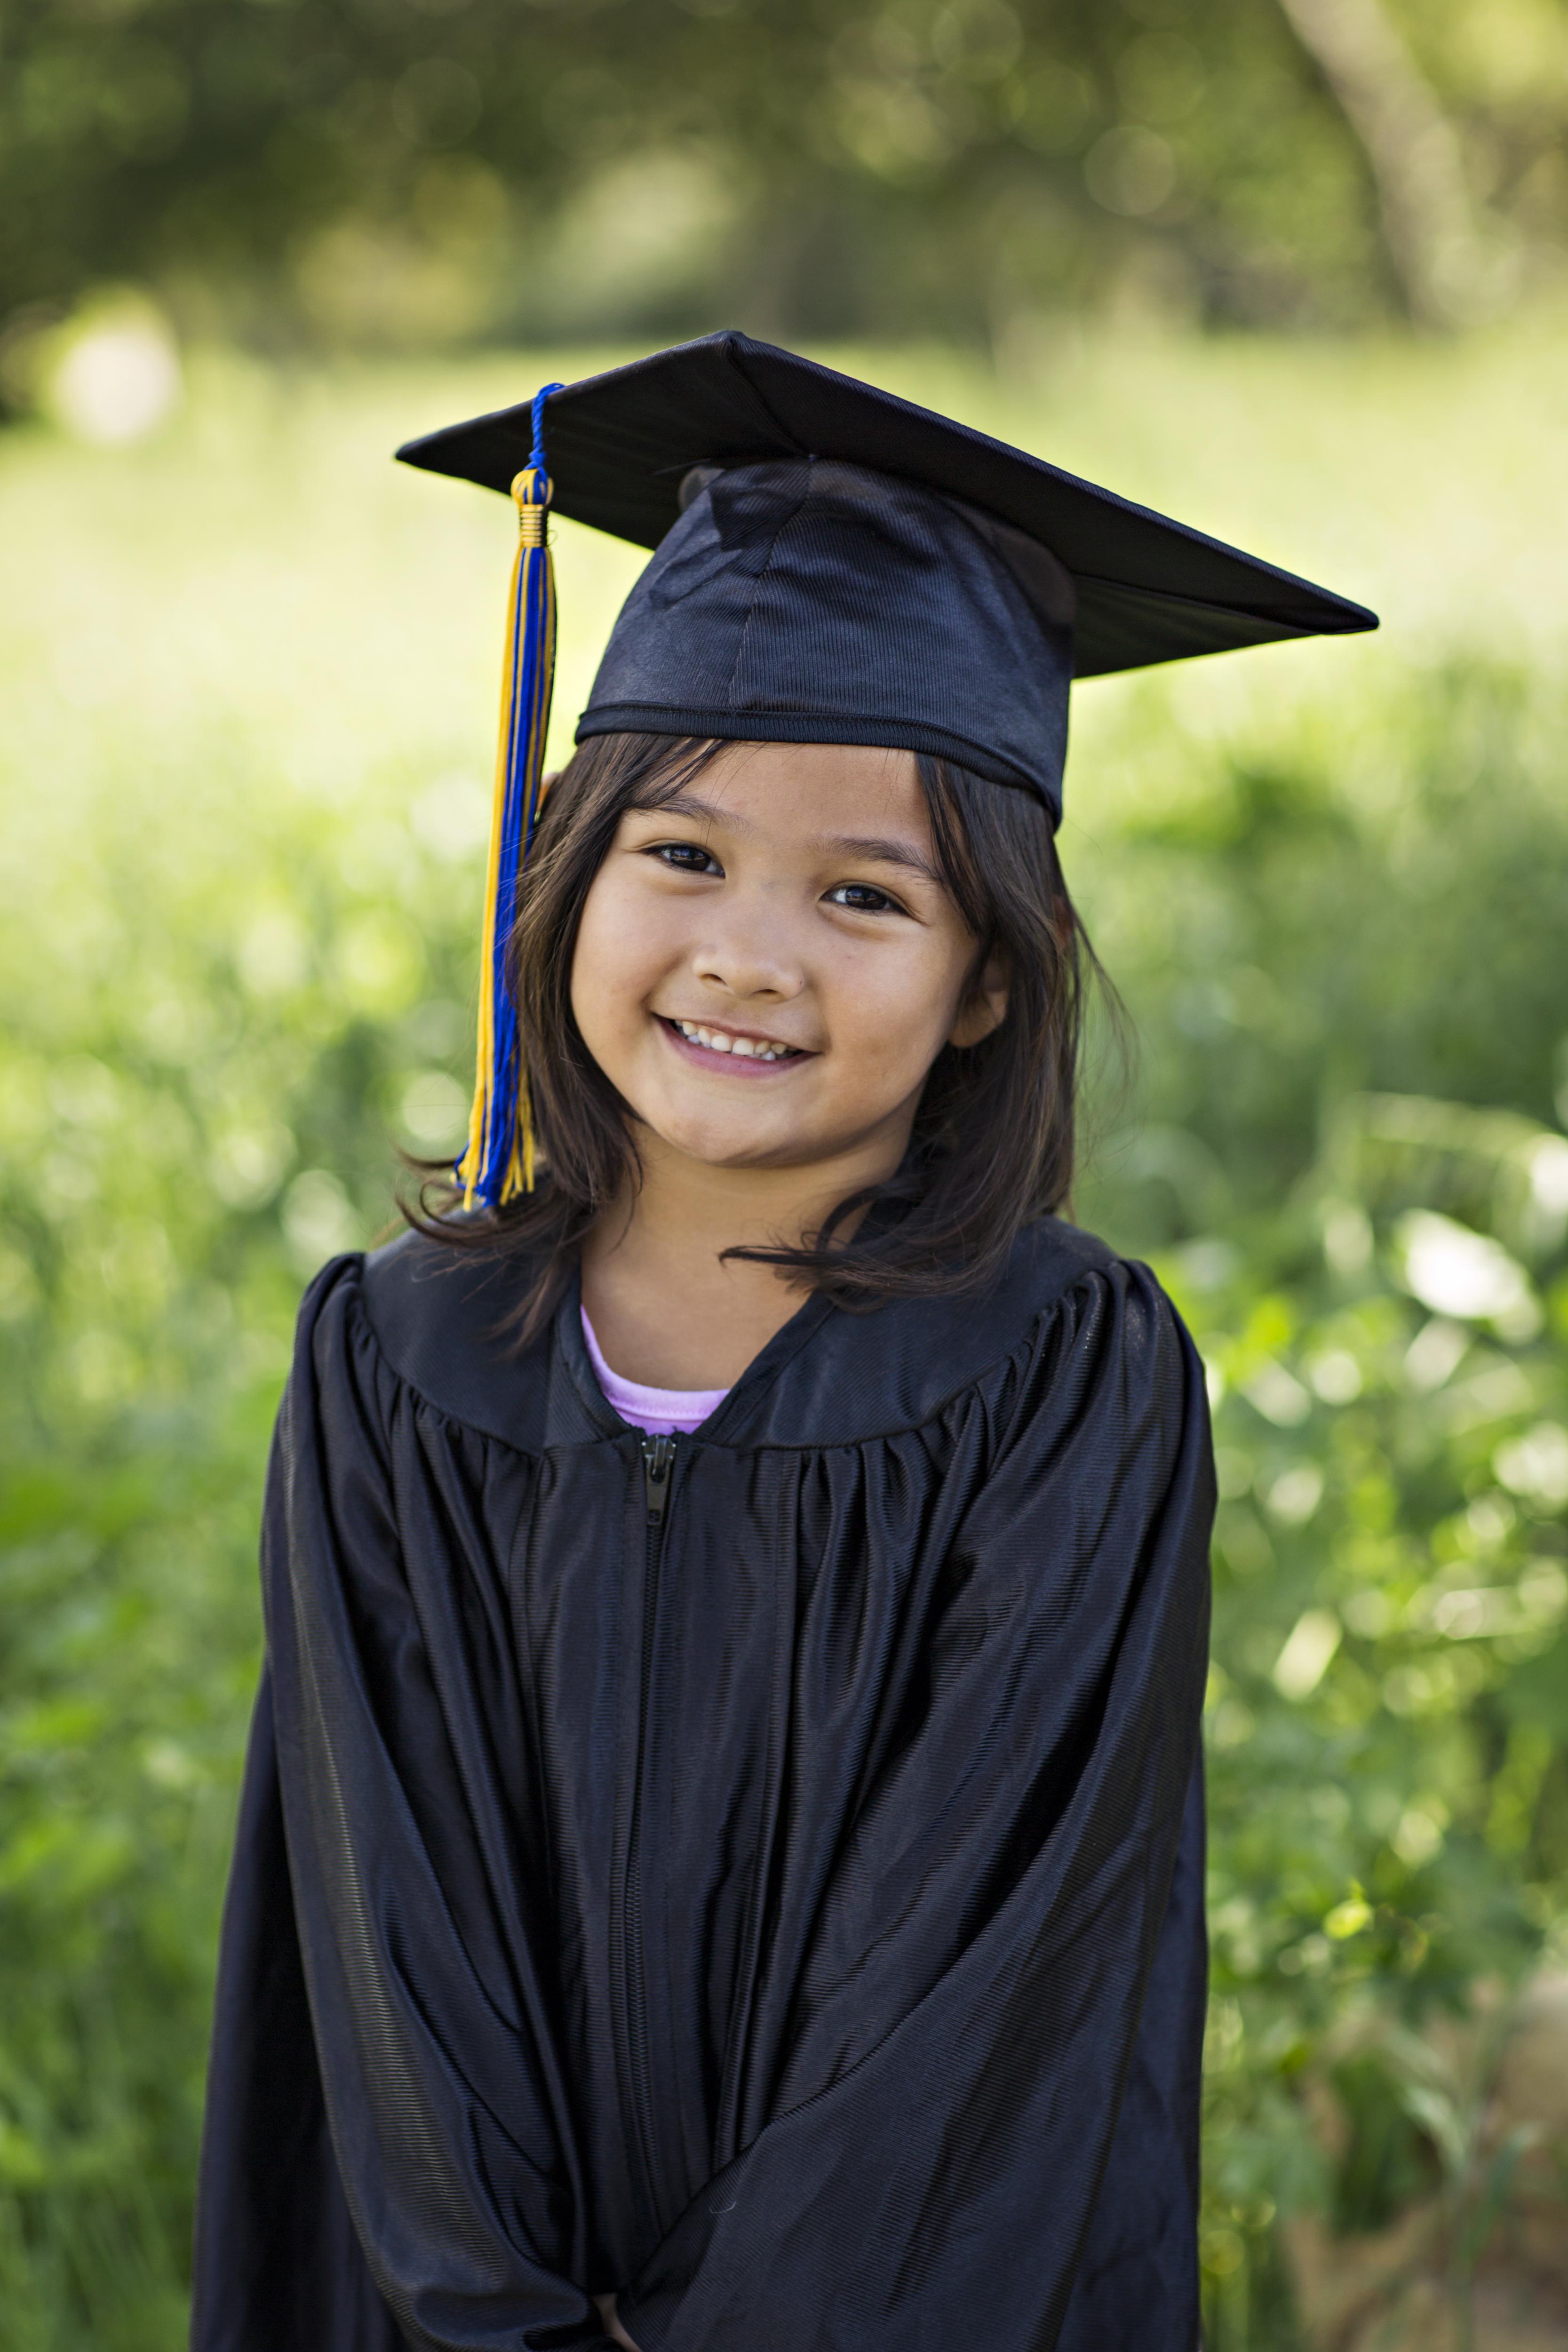 Graduating with Honors from Hope 4 Kids Preschool, www.hope4kidspreschool.org